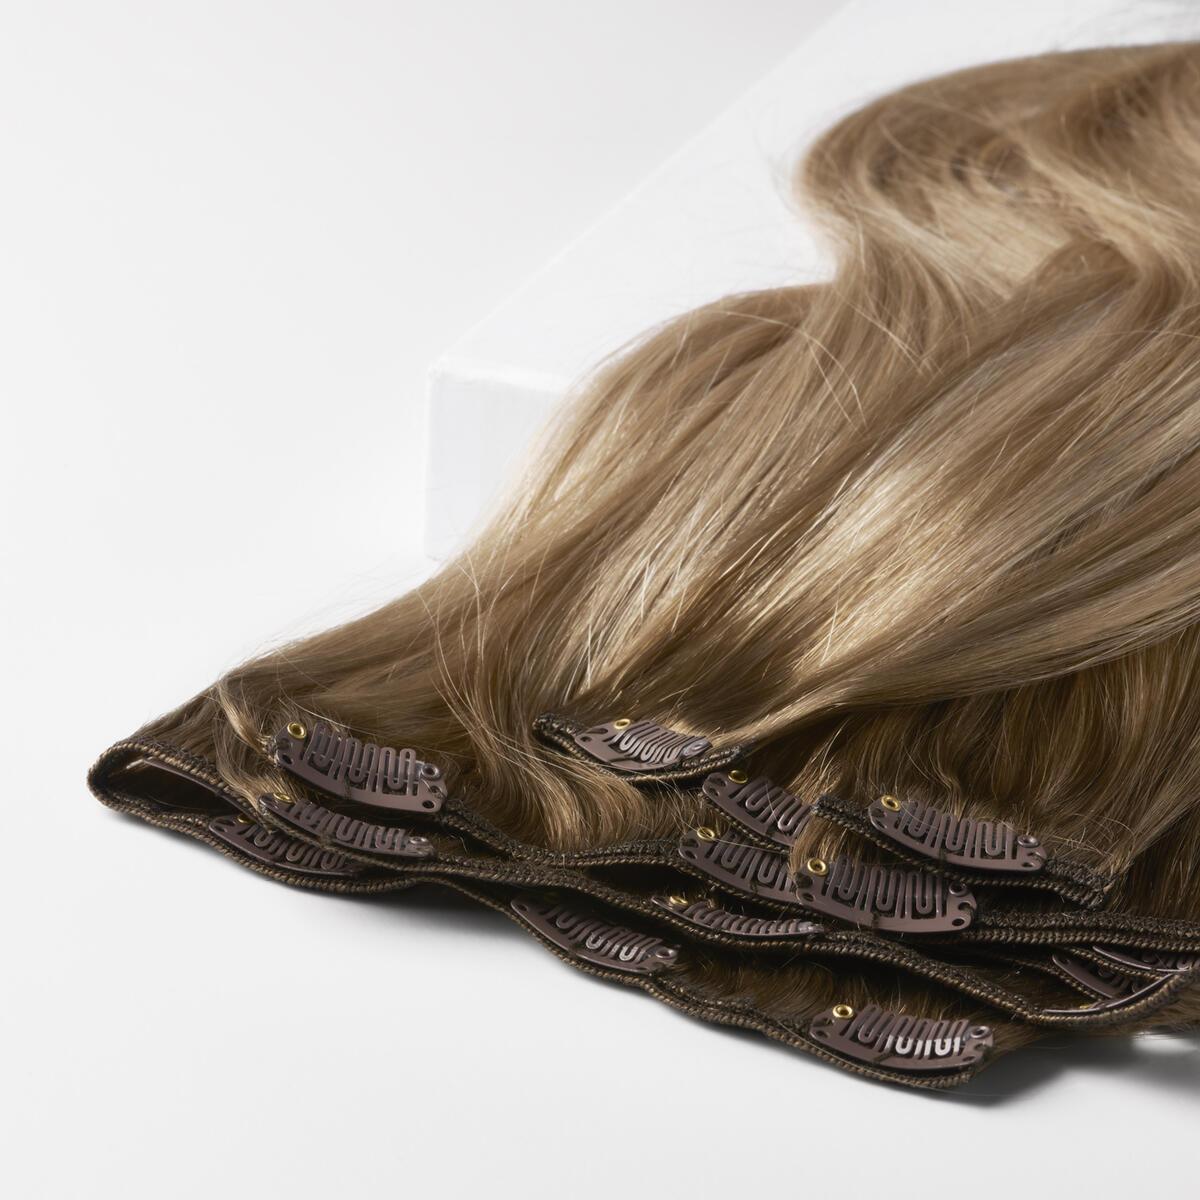 Clip-on set B5.1/7.3 Brown Ash Blonde Balayage 50 cm